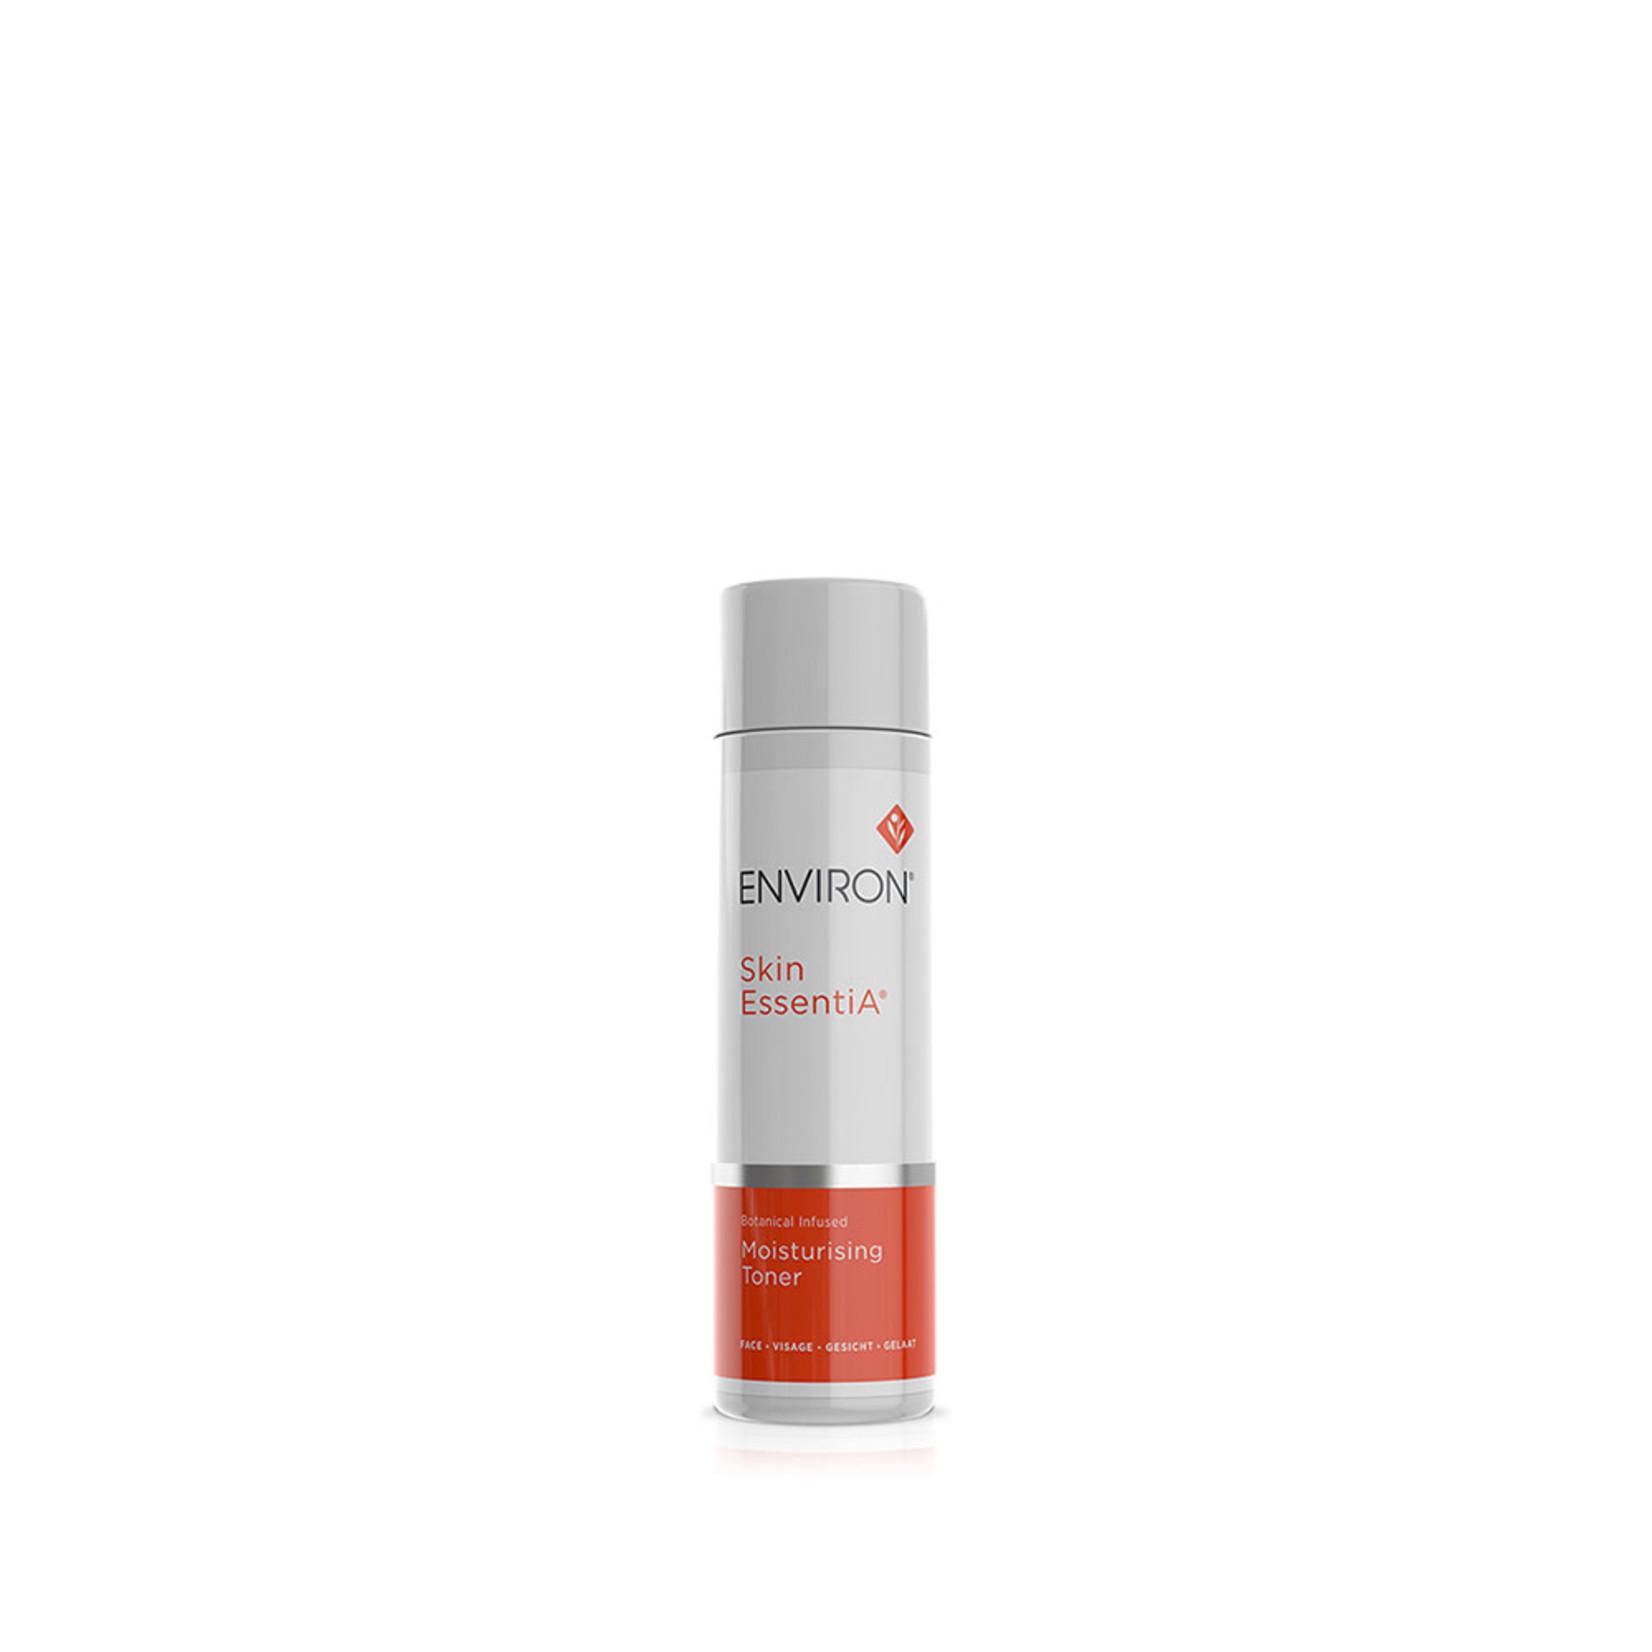 Environ Botanical infused moisturising toner 200ml